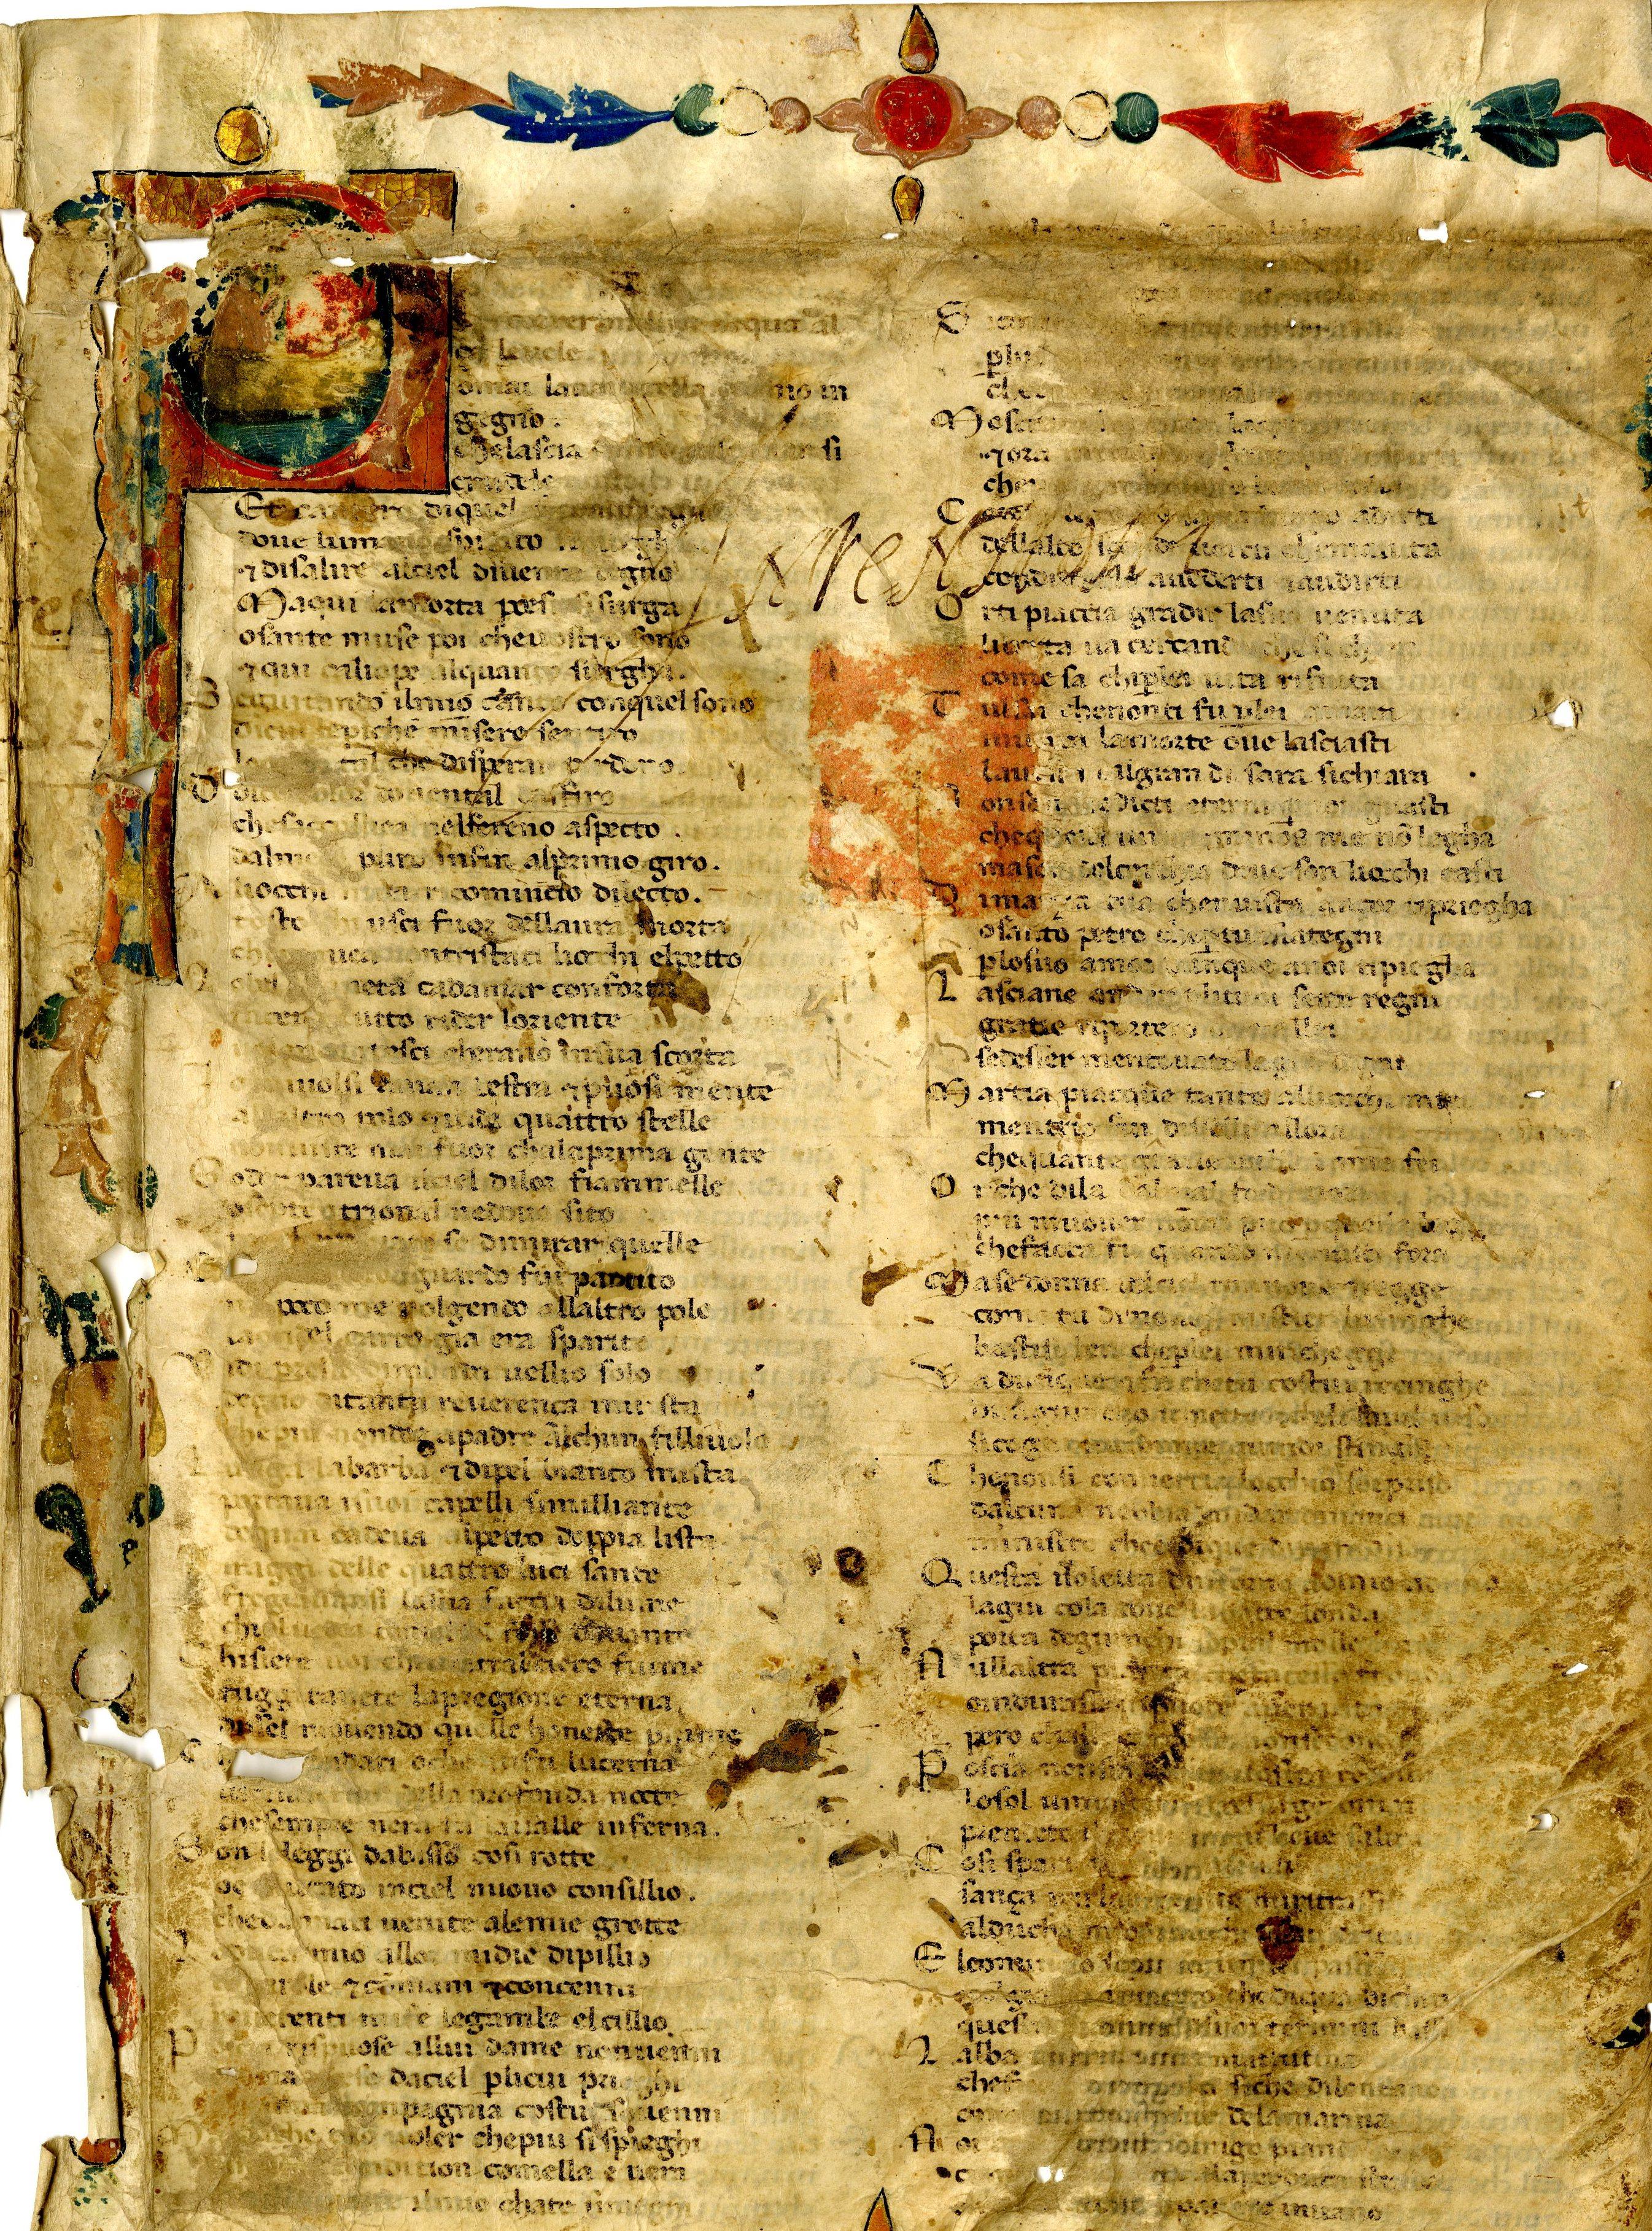 si tratta di frammenti della Divina Commedia di Dante Alighieri in cui compaiono alcuni canti dell'Inferno e del Purgatorio) venne ritrovato nell'archivio del Comune di Forlì.